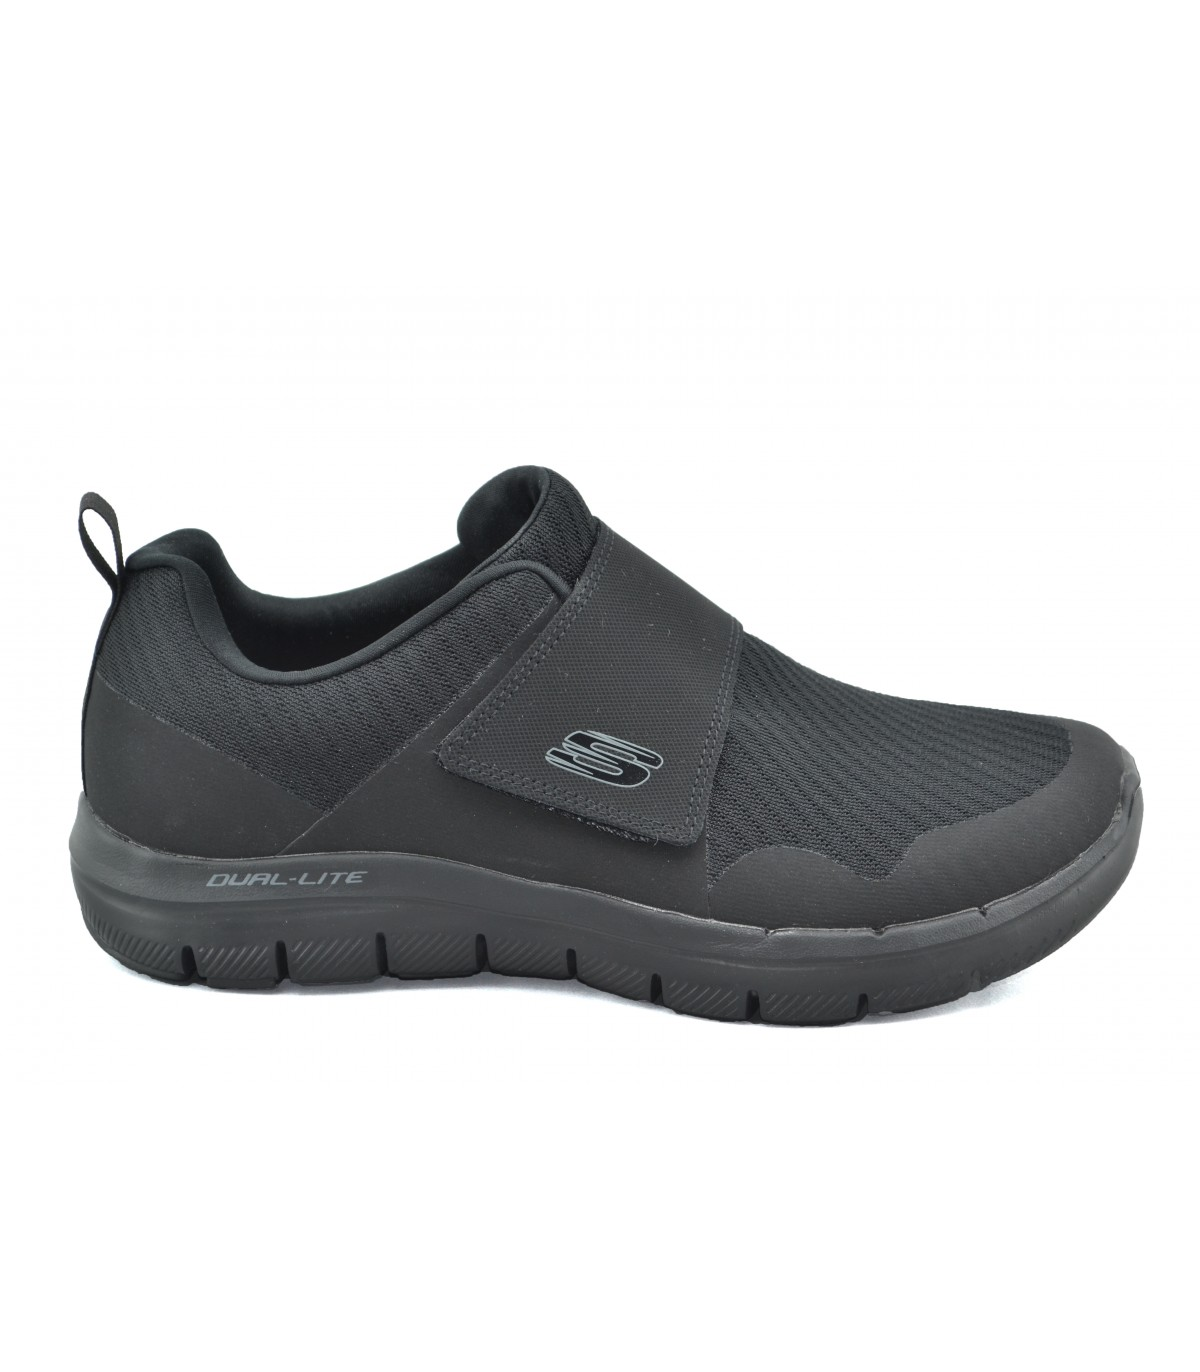 espía molécula evaluar  Comprar > zapatos skechers hombre amazon original web > Limite los ...